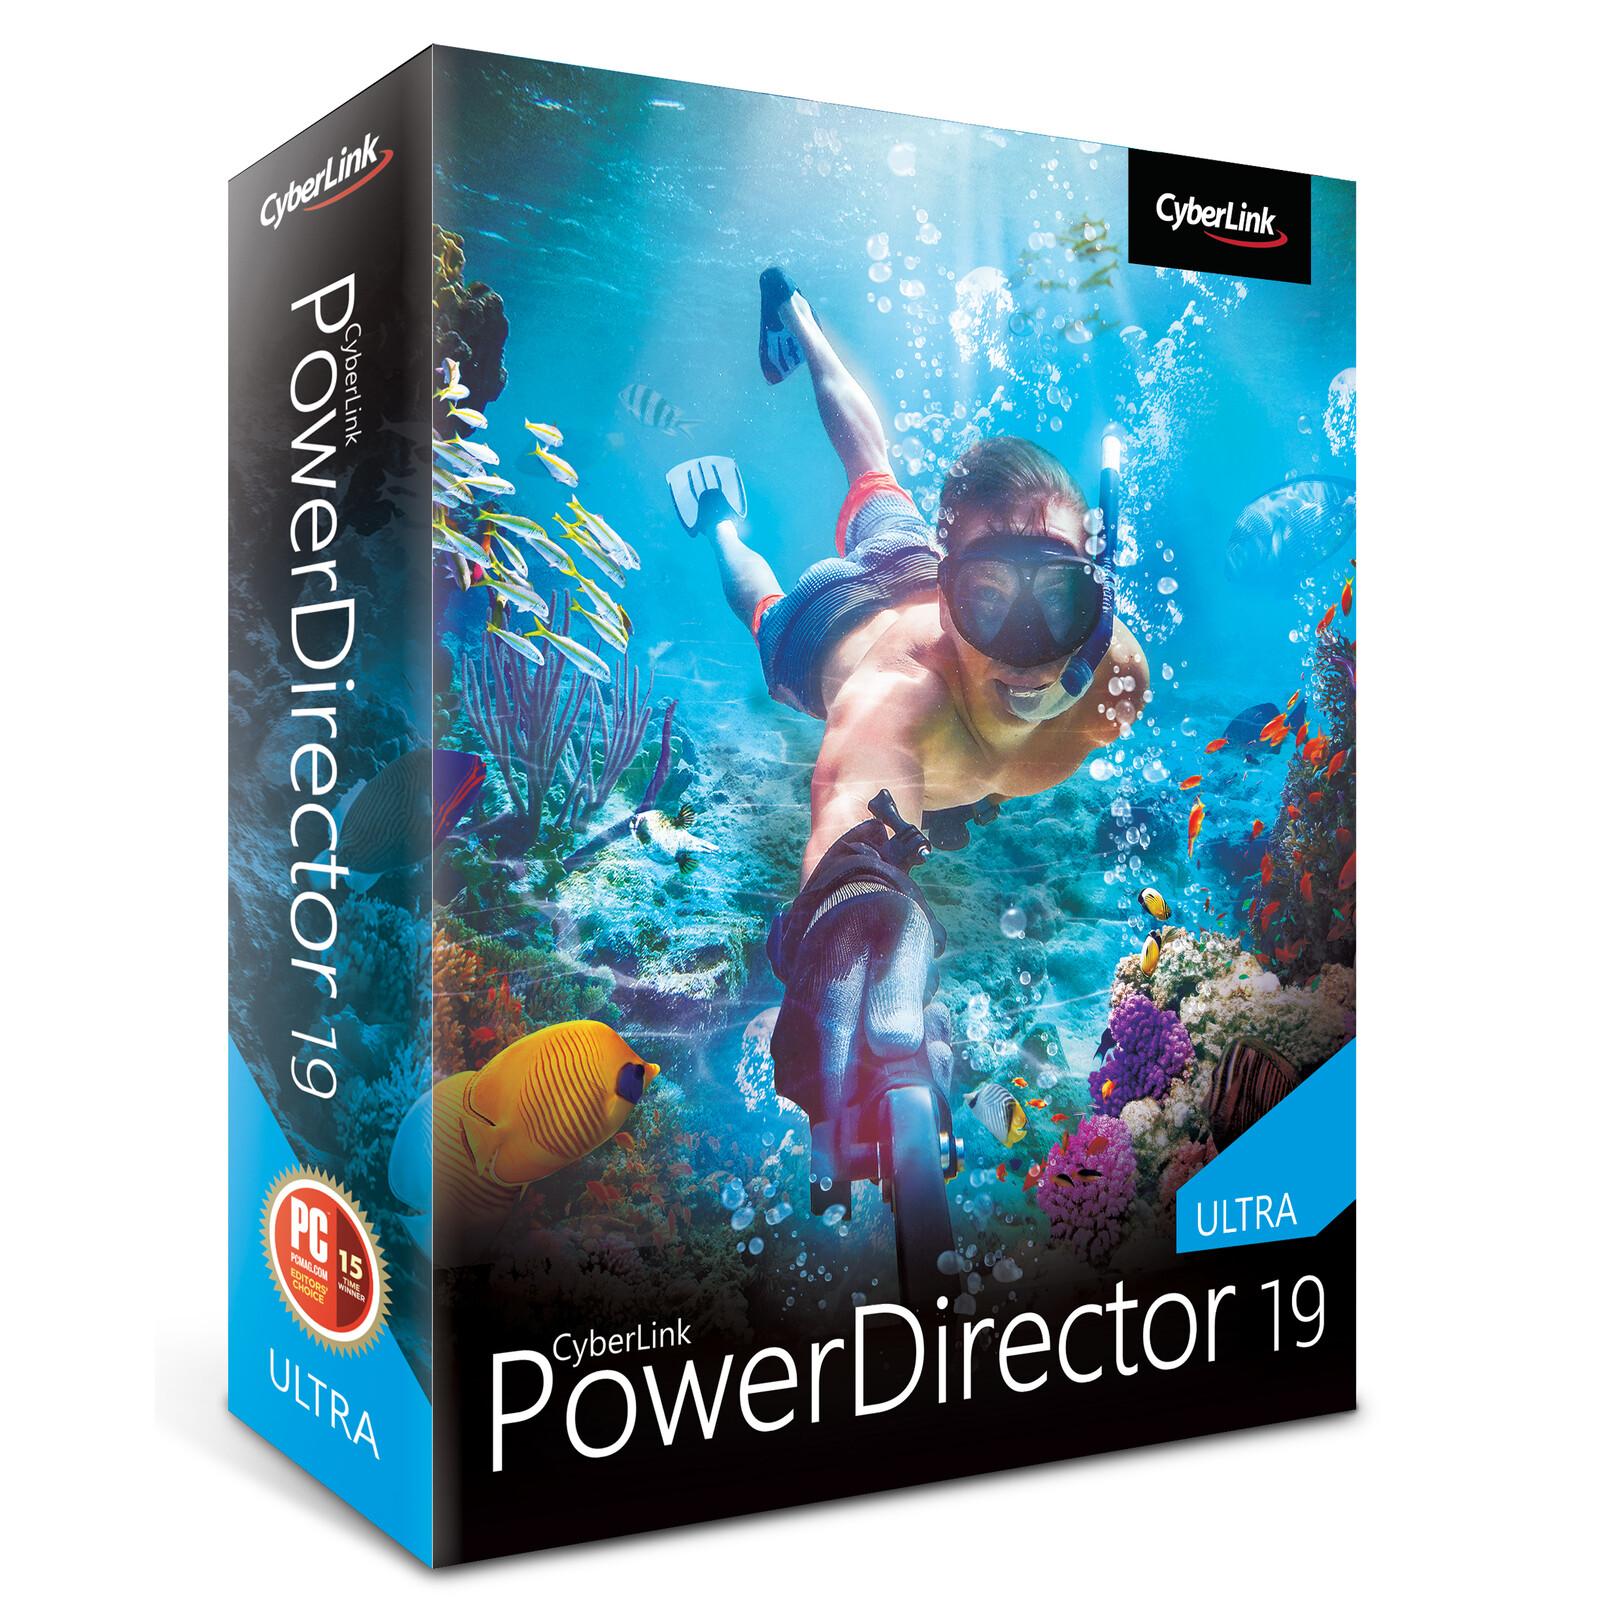 CyberLink PowerDirector 19 Ultra